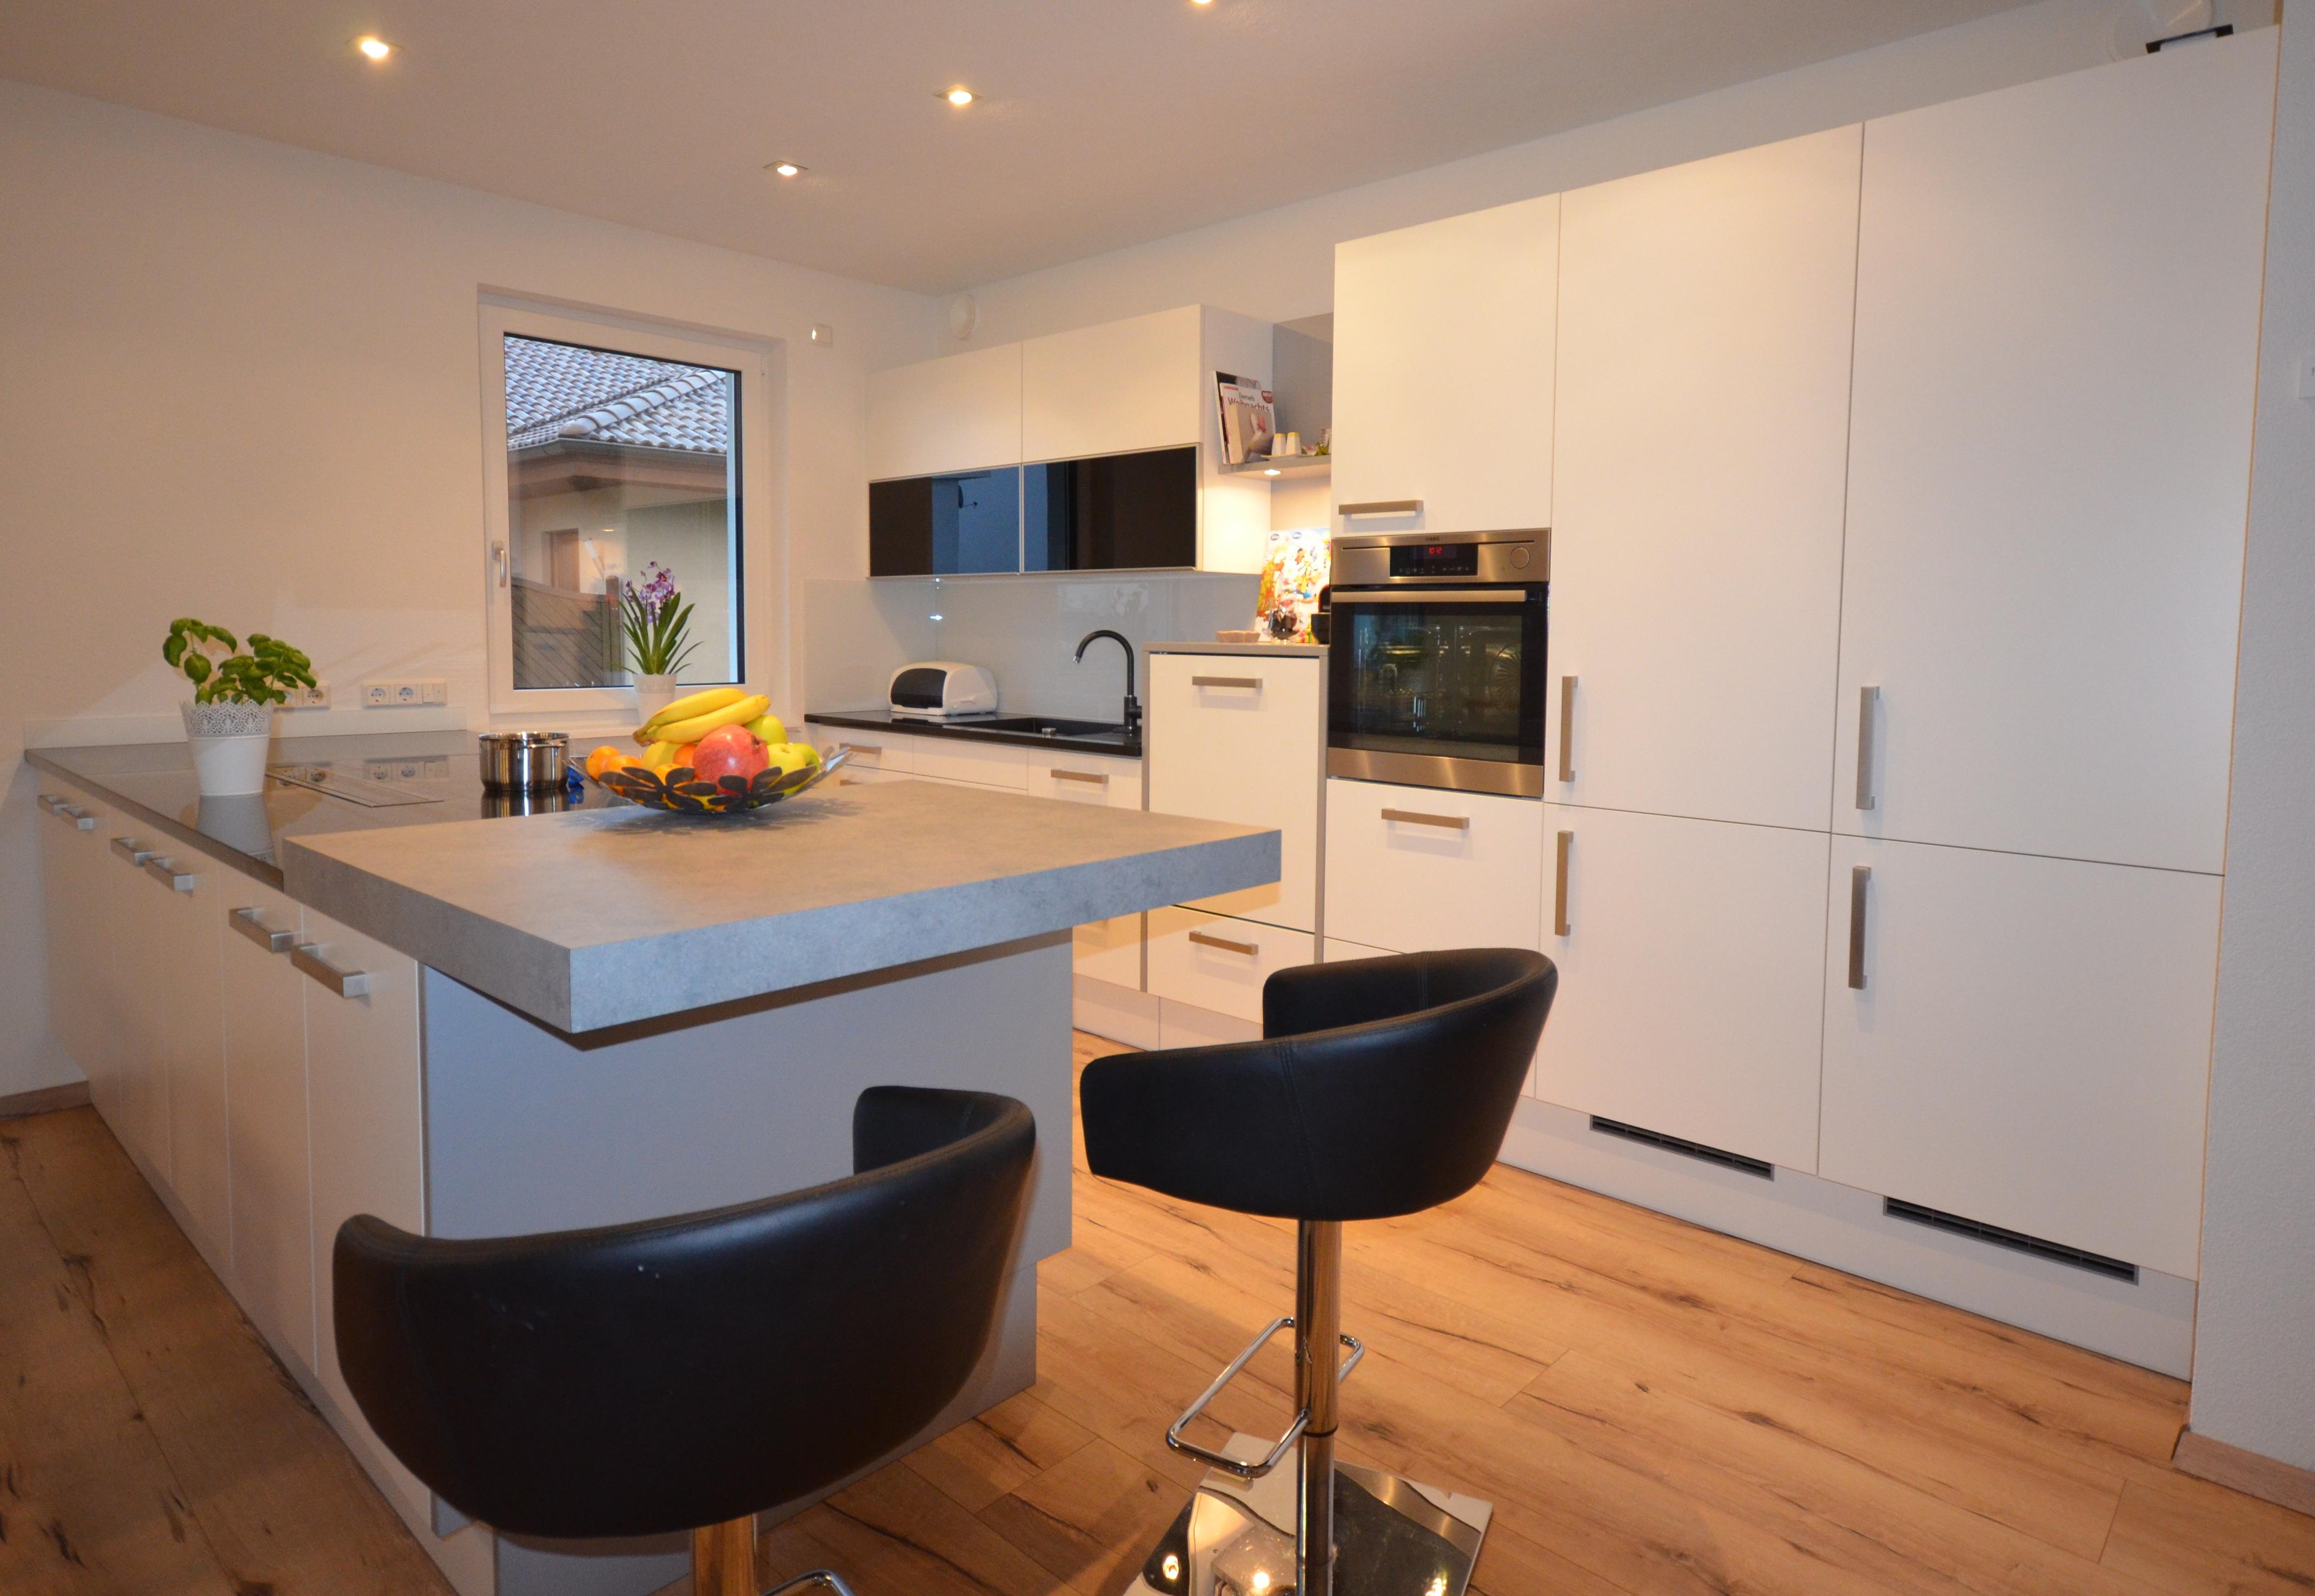 k chen. Black Bedroom Furniture Sets. Home Design Ideas